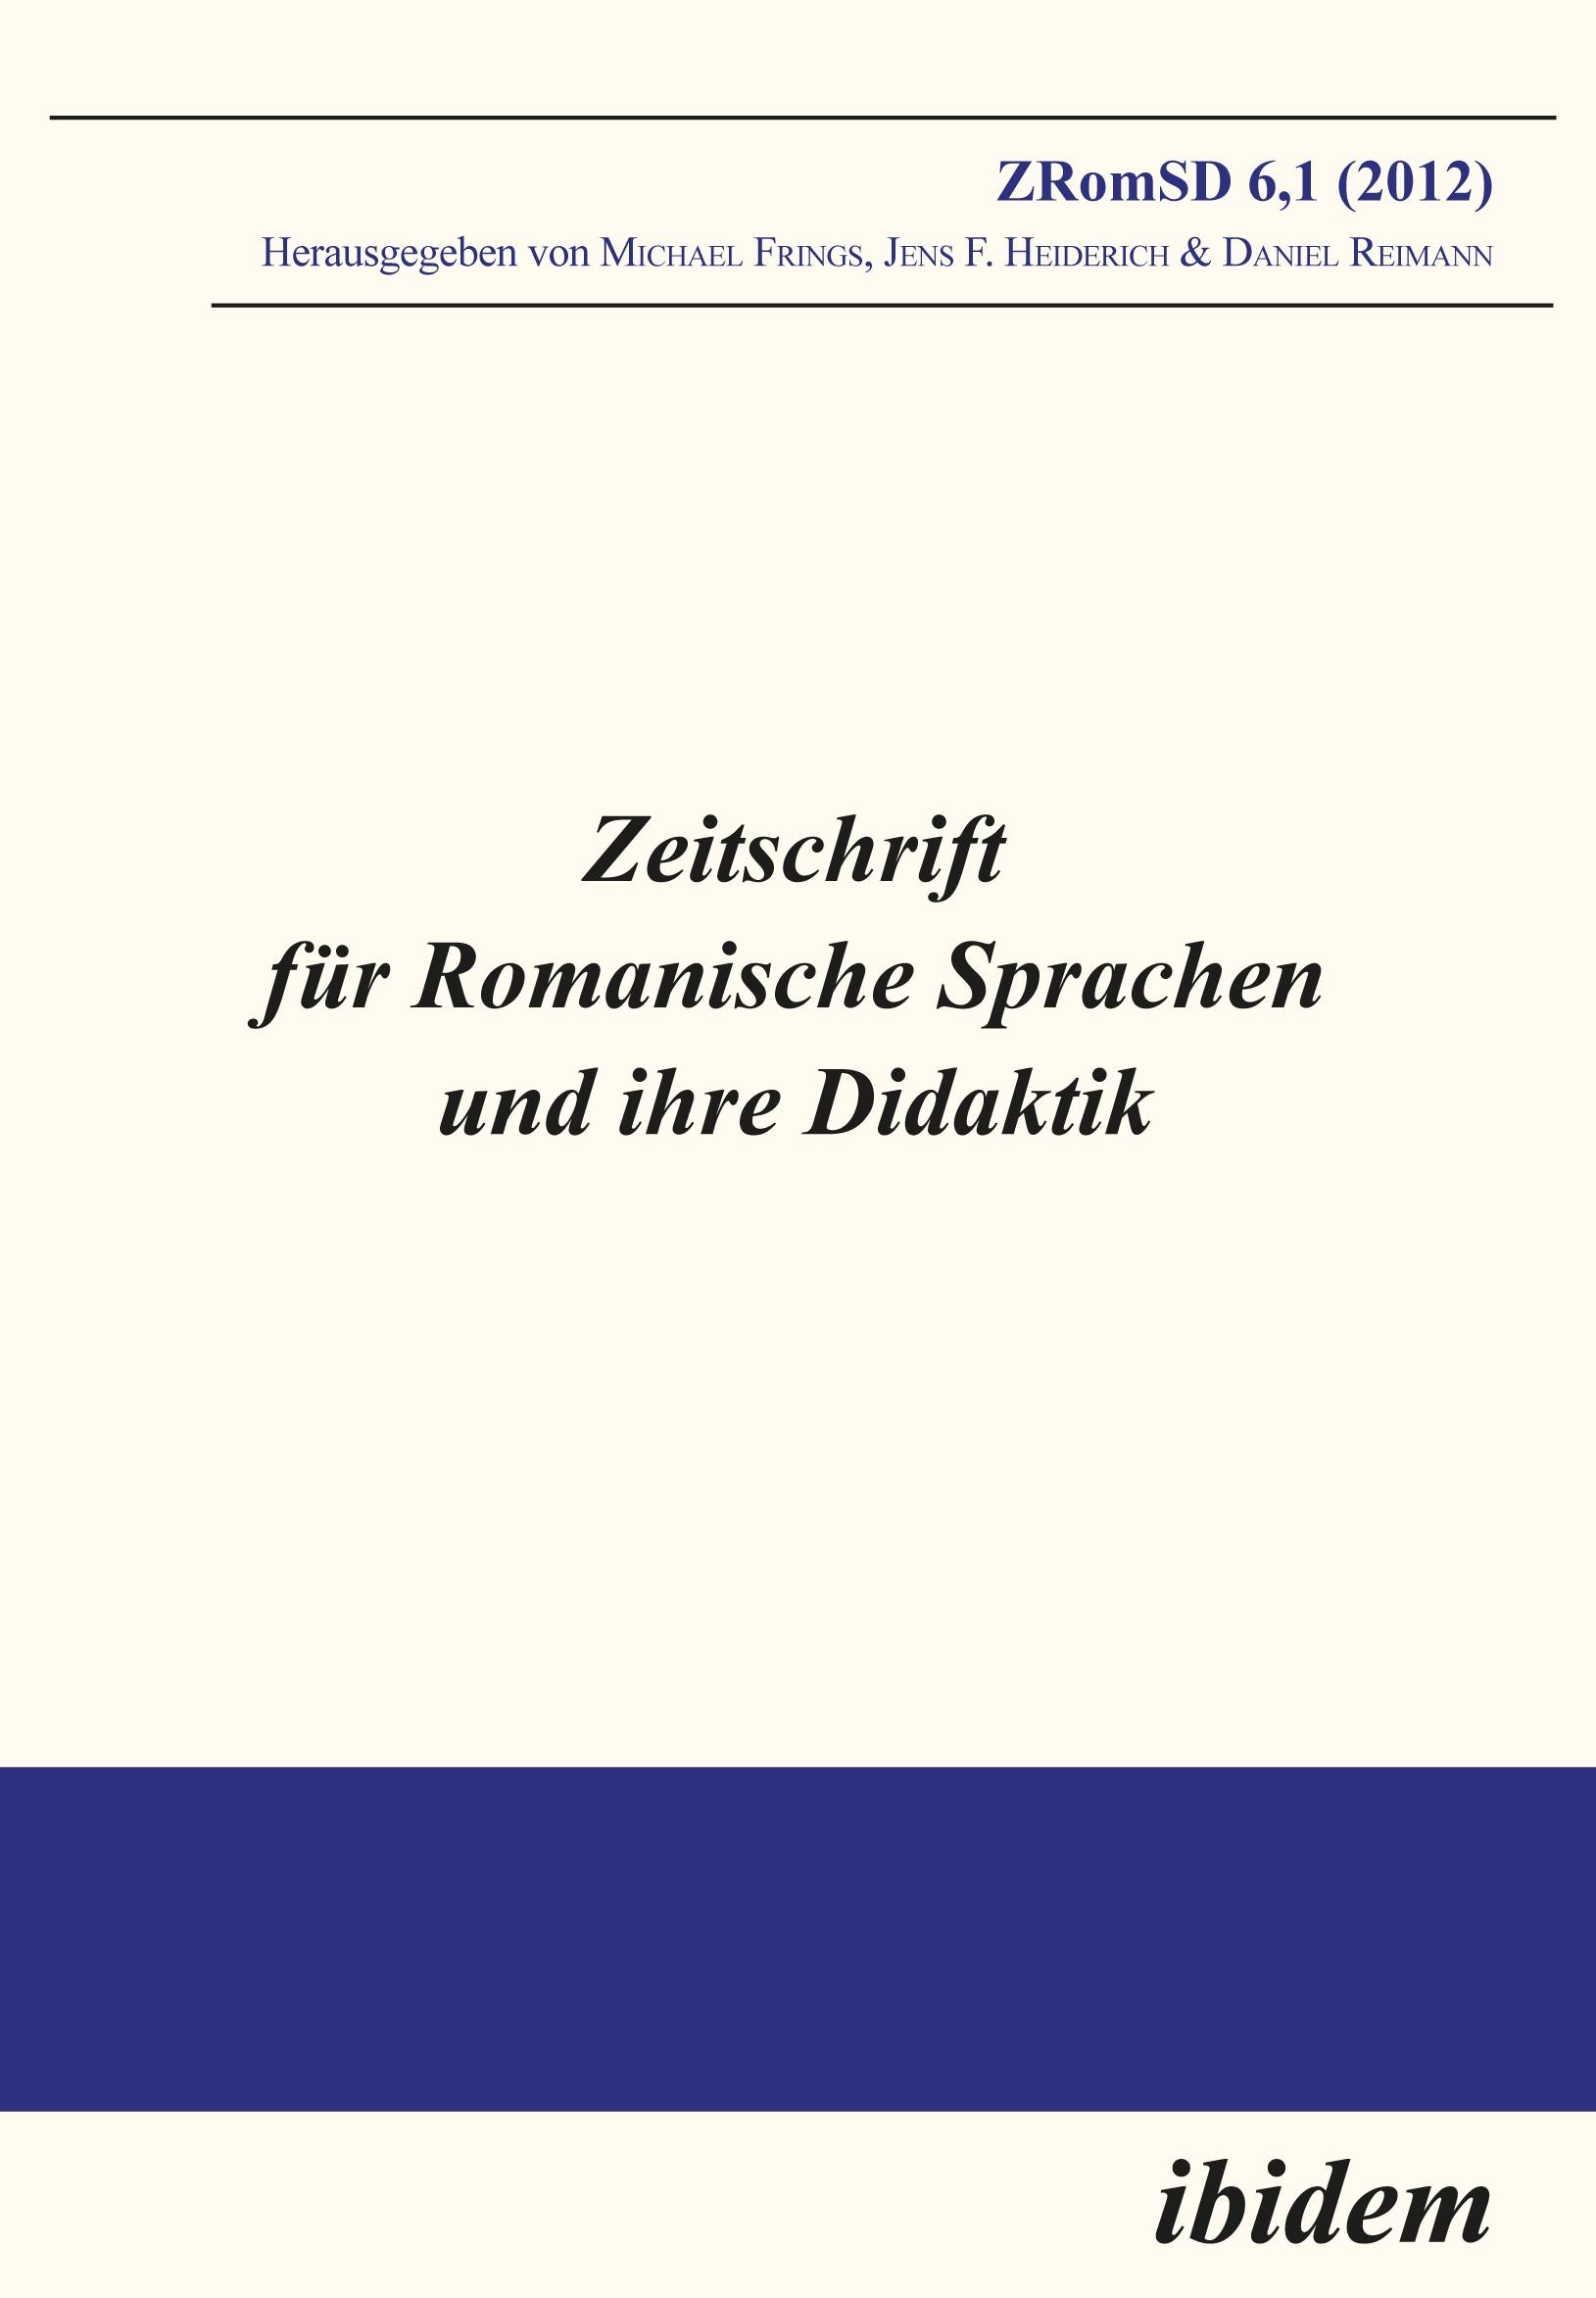 Zeitschrift für Romanische Sprachen und ihre Didaktik